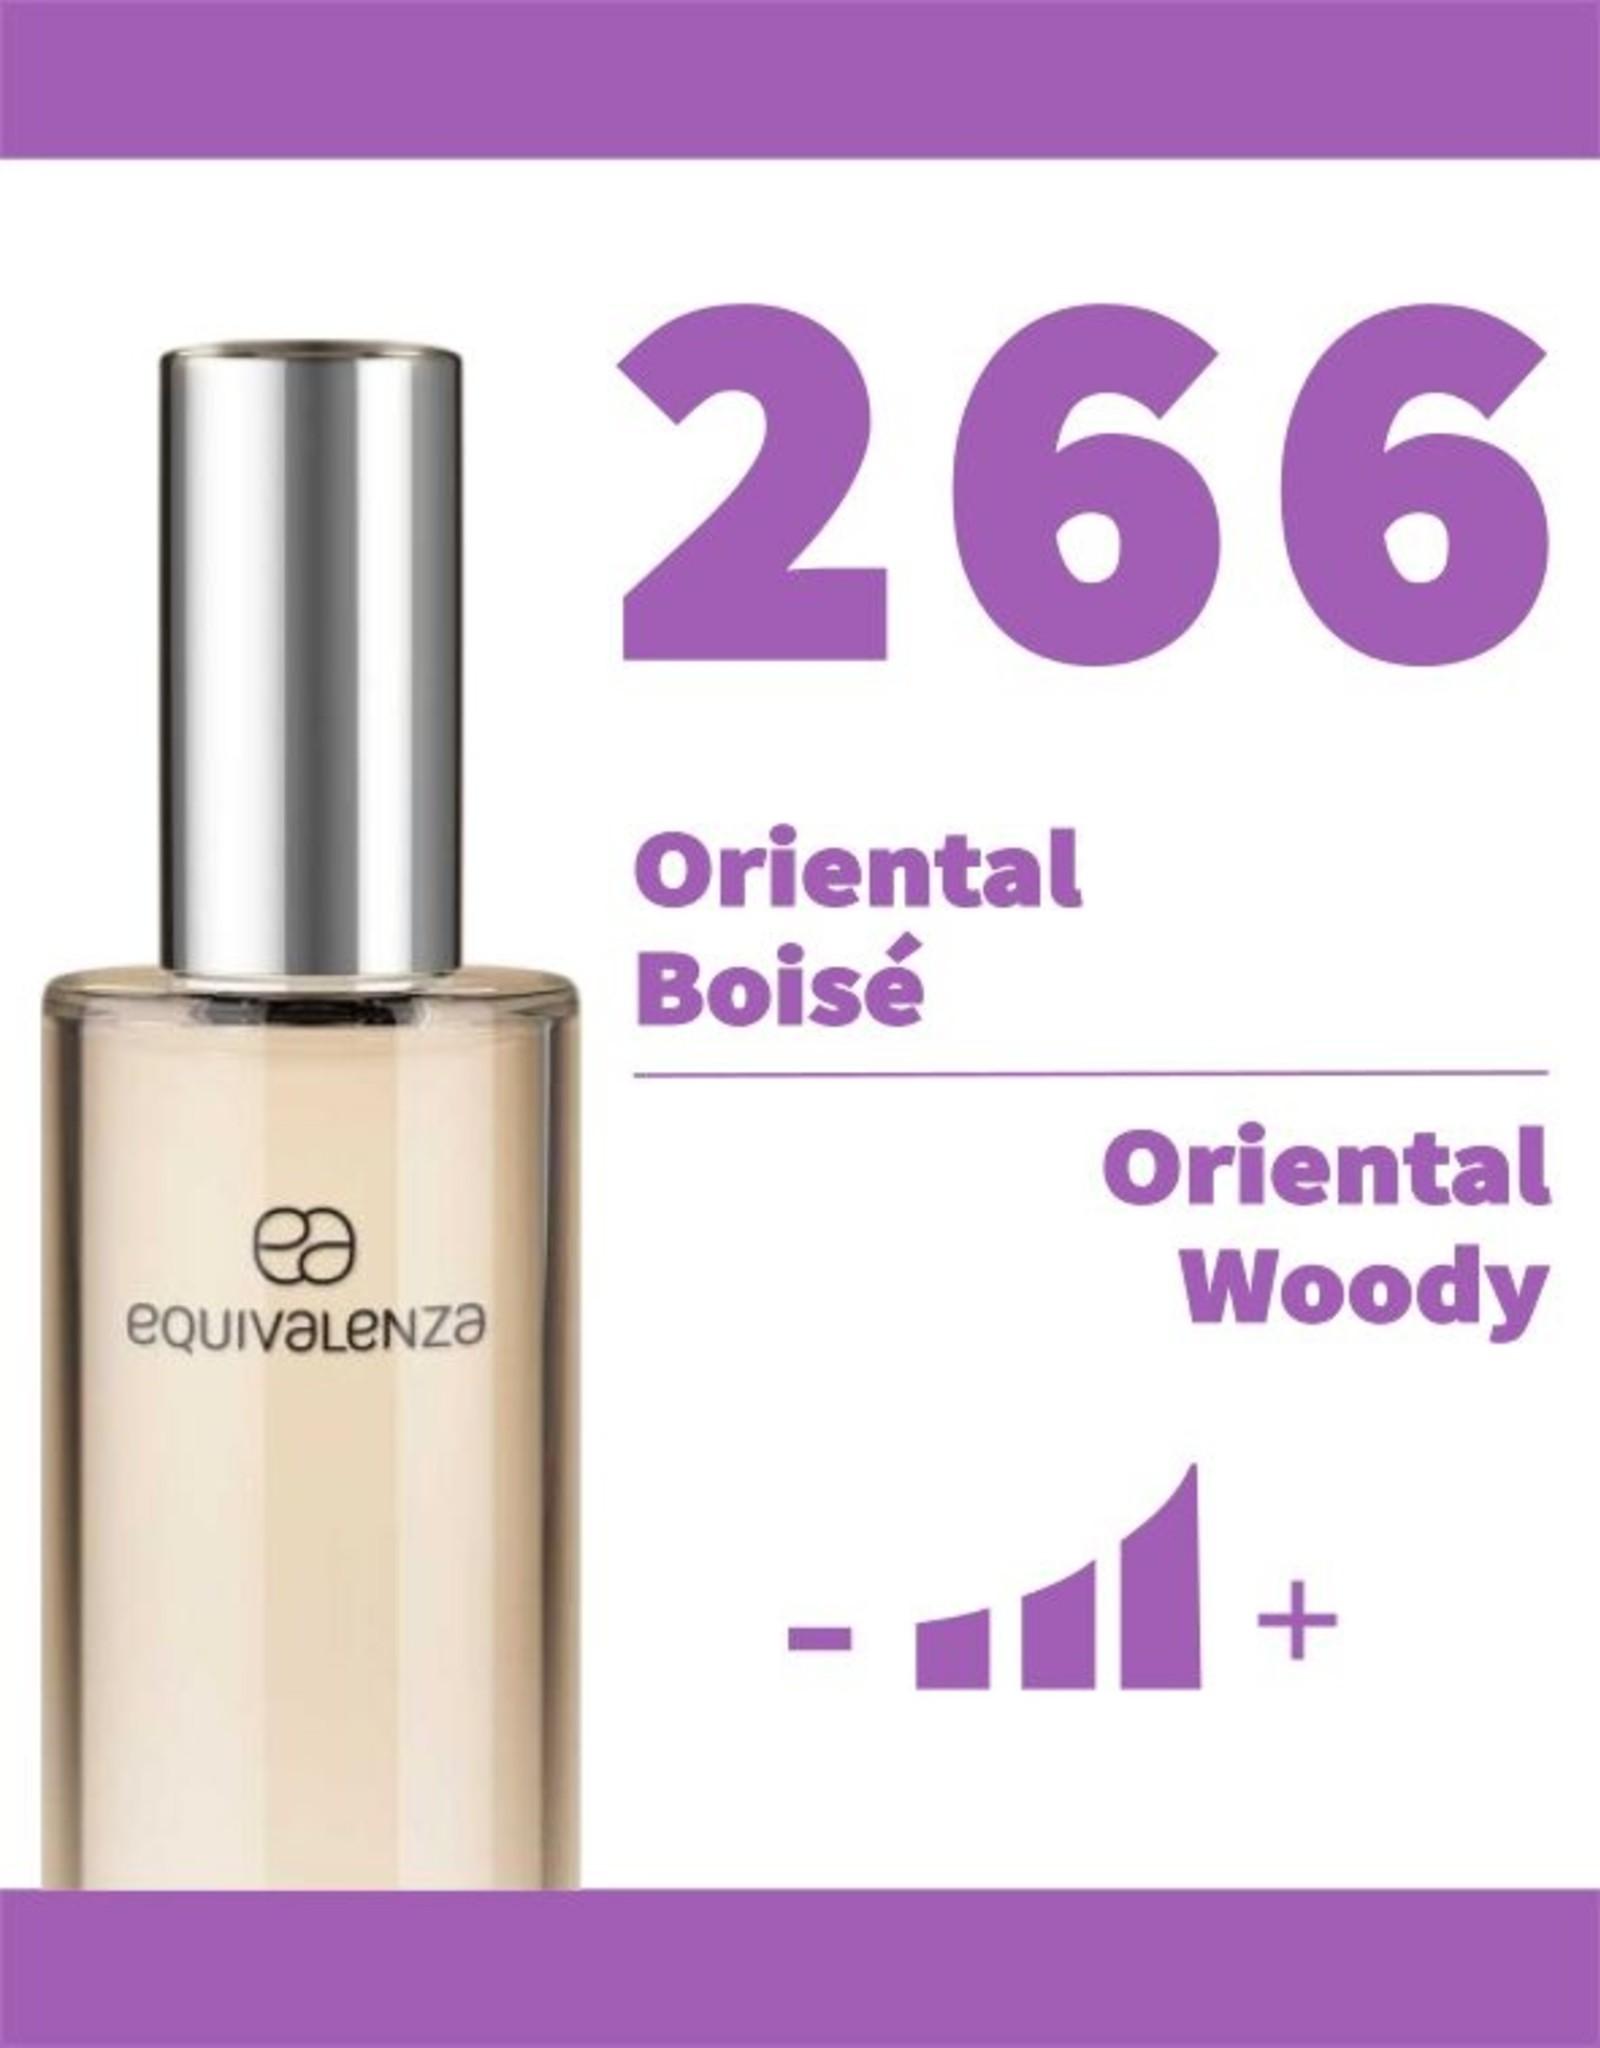 Equivalenza Oriental Boisé 266